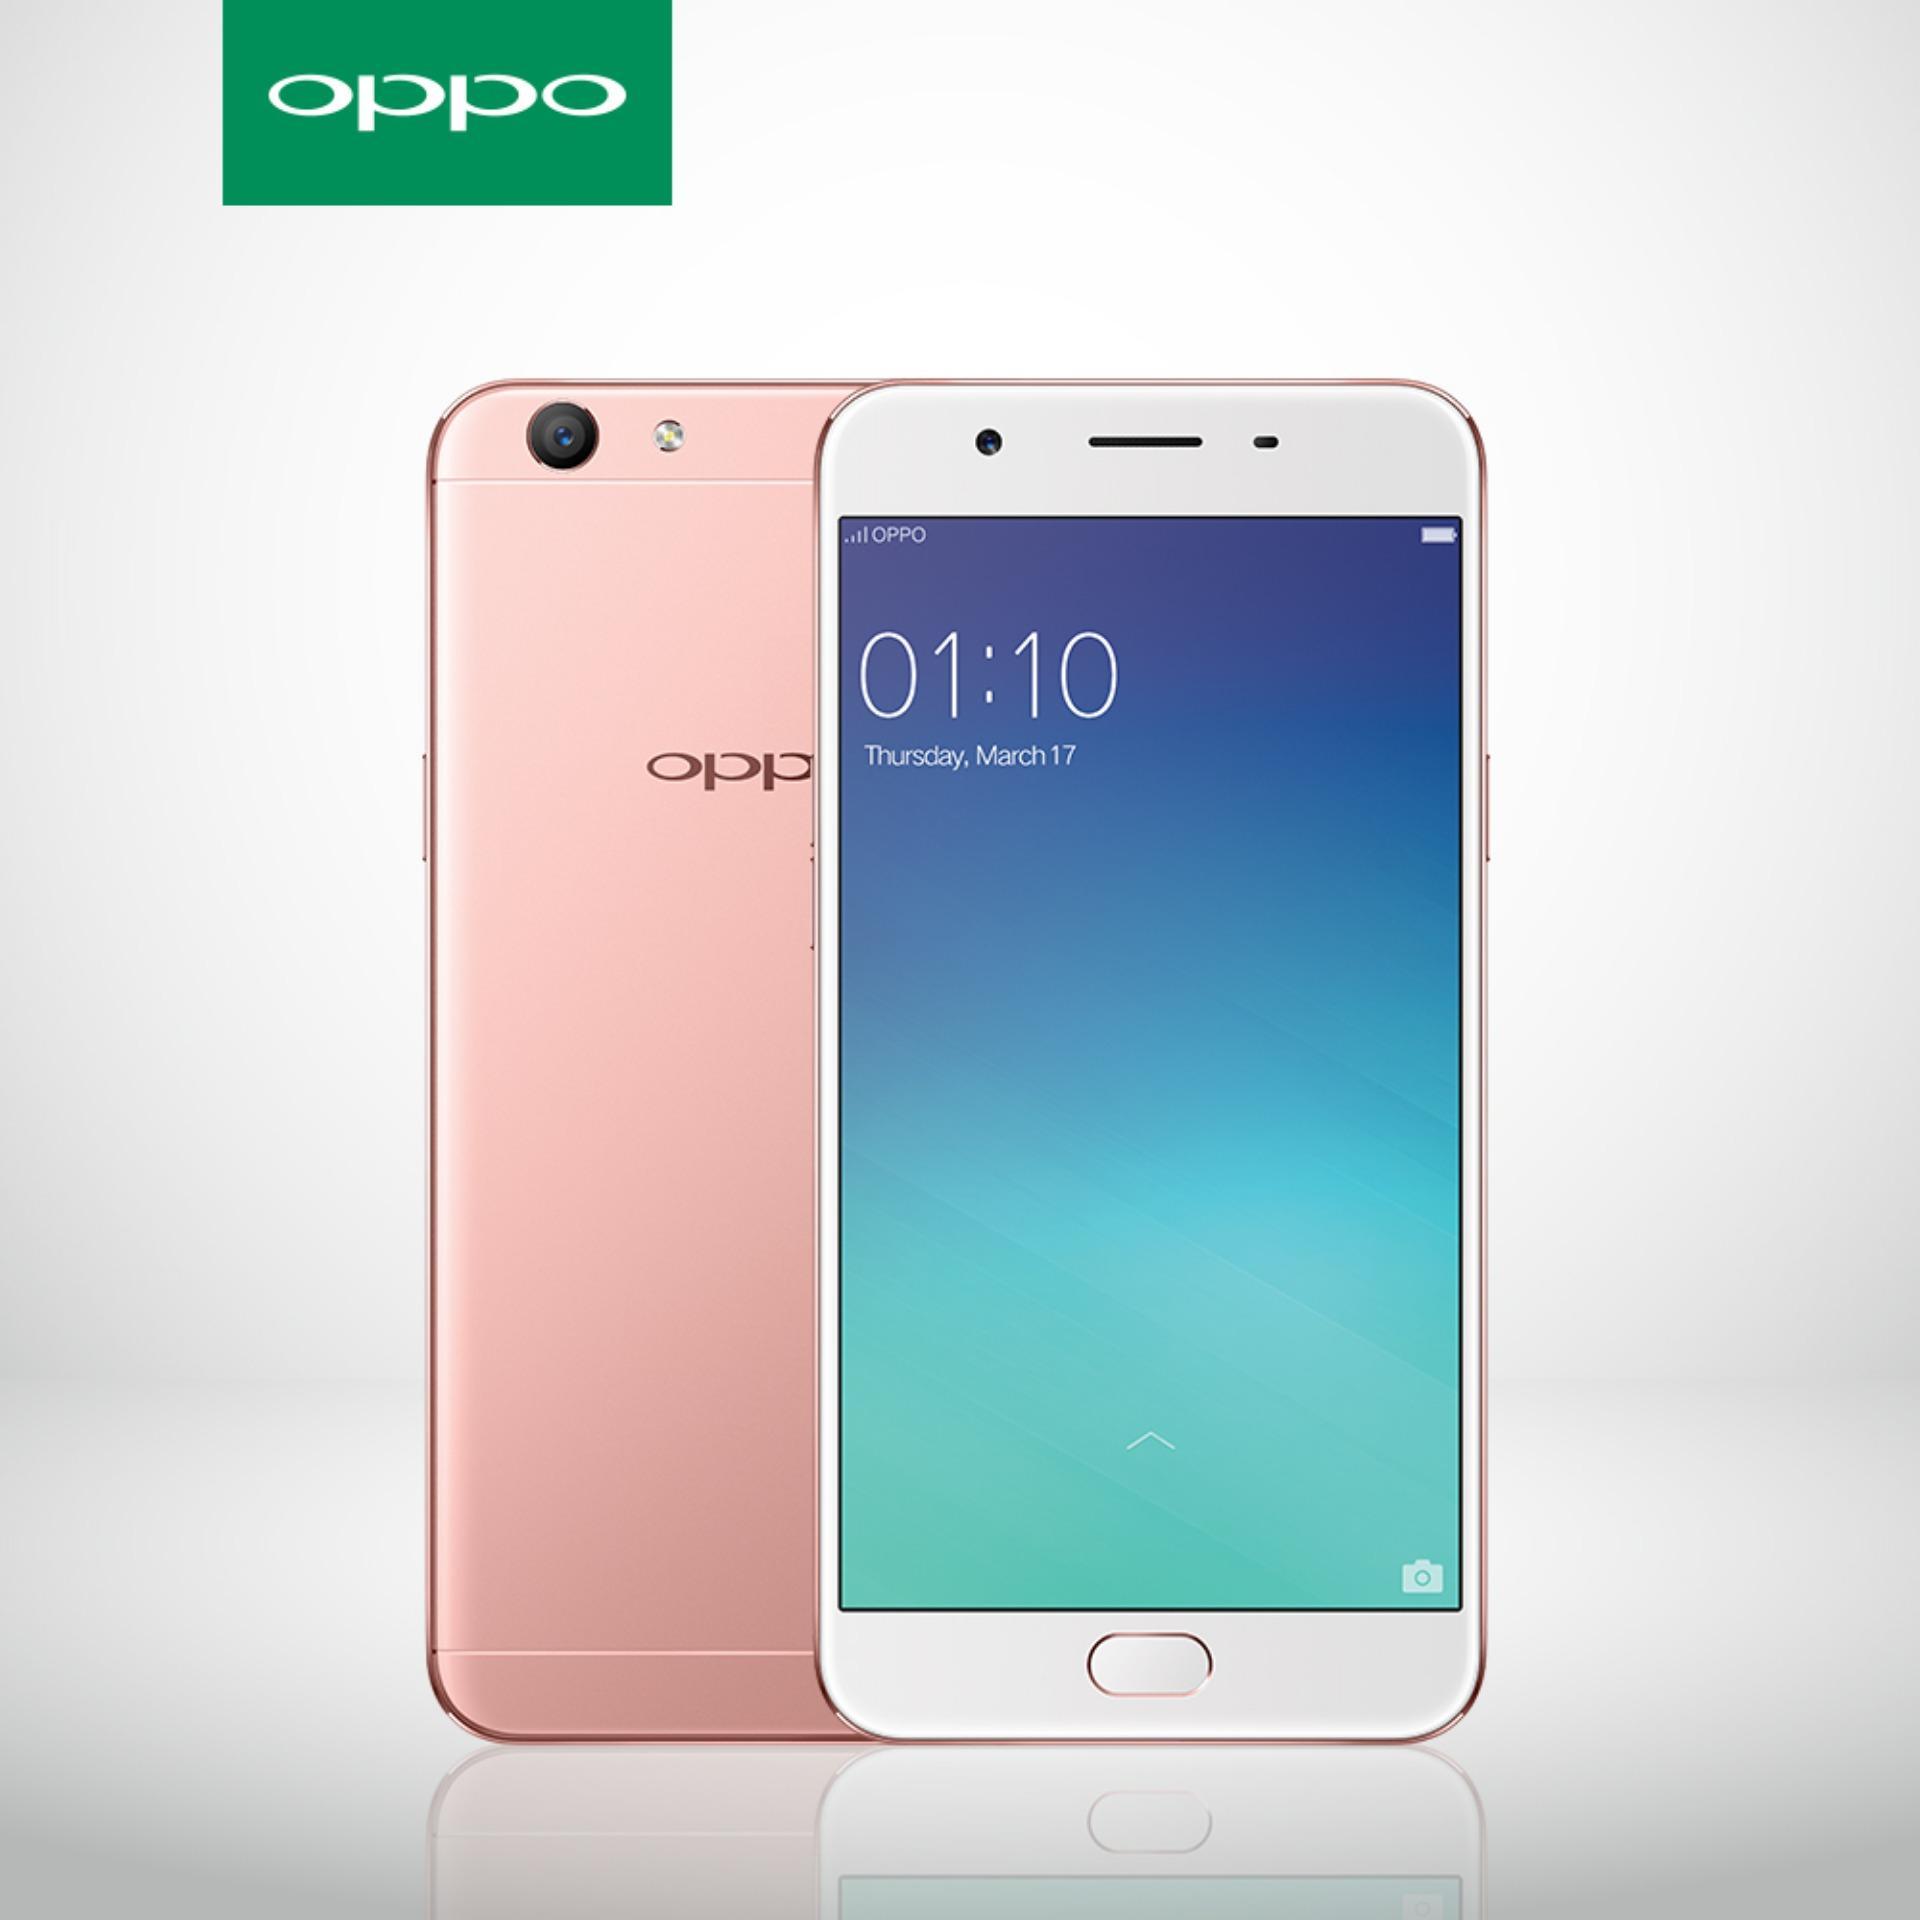 Mua OPPO F1s (2017) 64GB – Hãng phân phối chính thức Tại OPPO